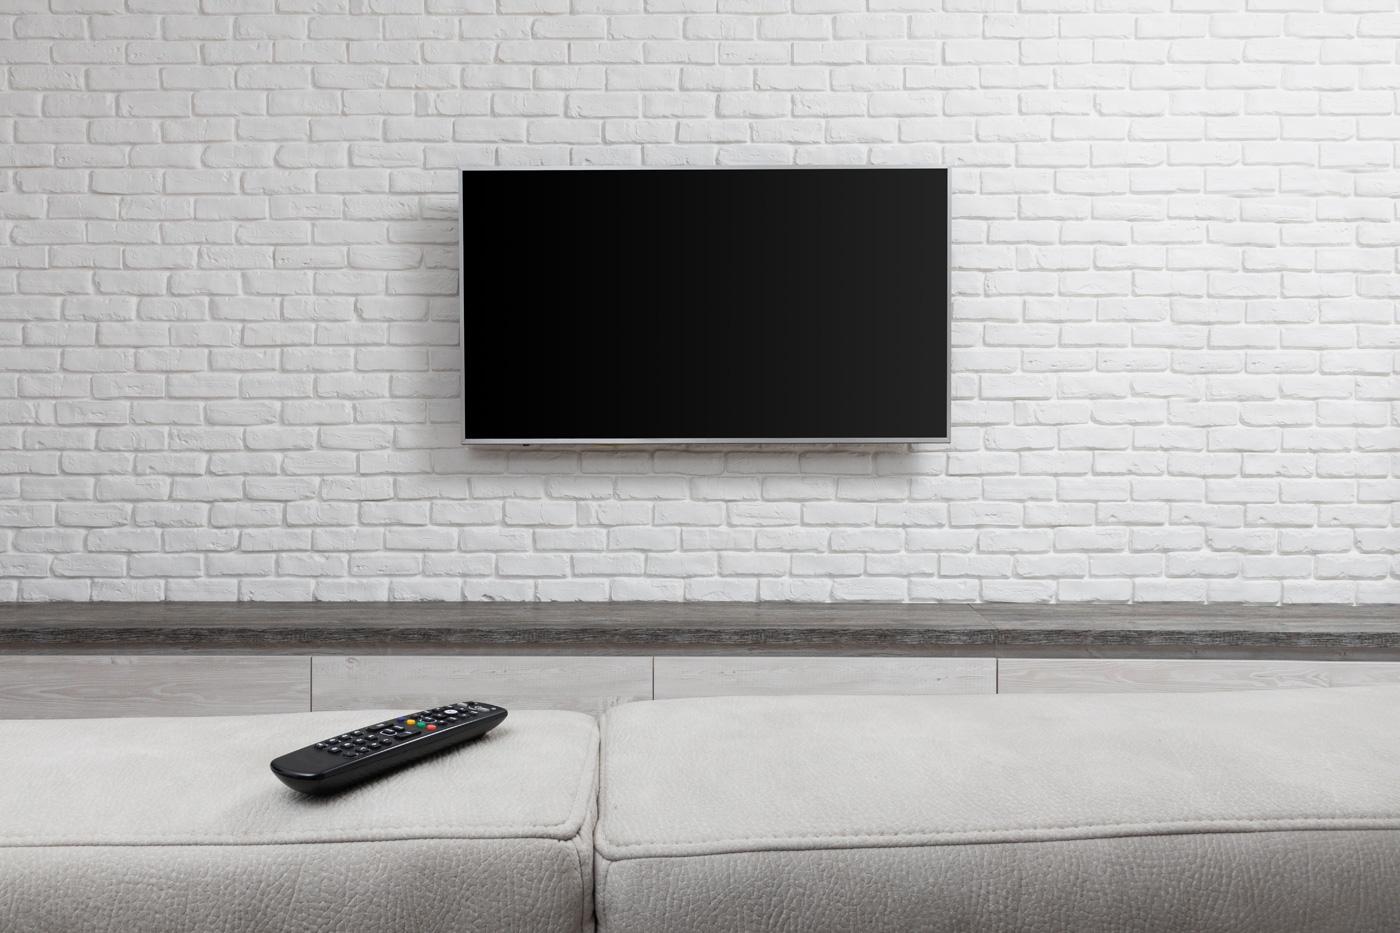 Cegła na ścianie za telewizorem